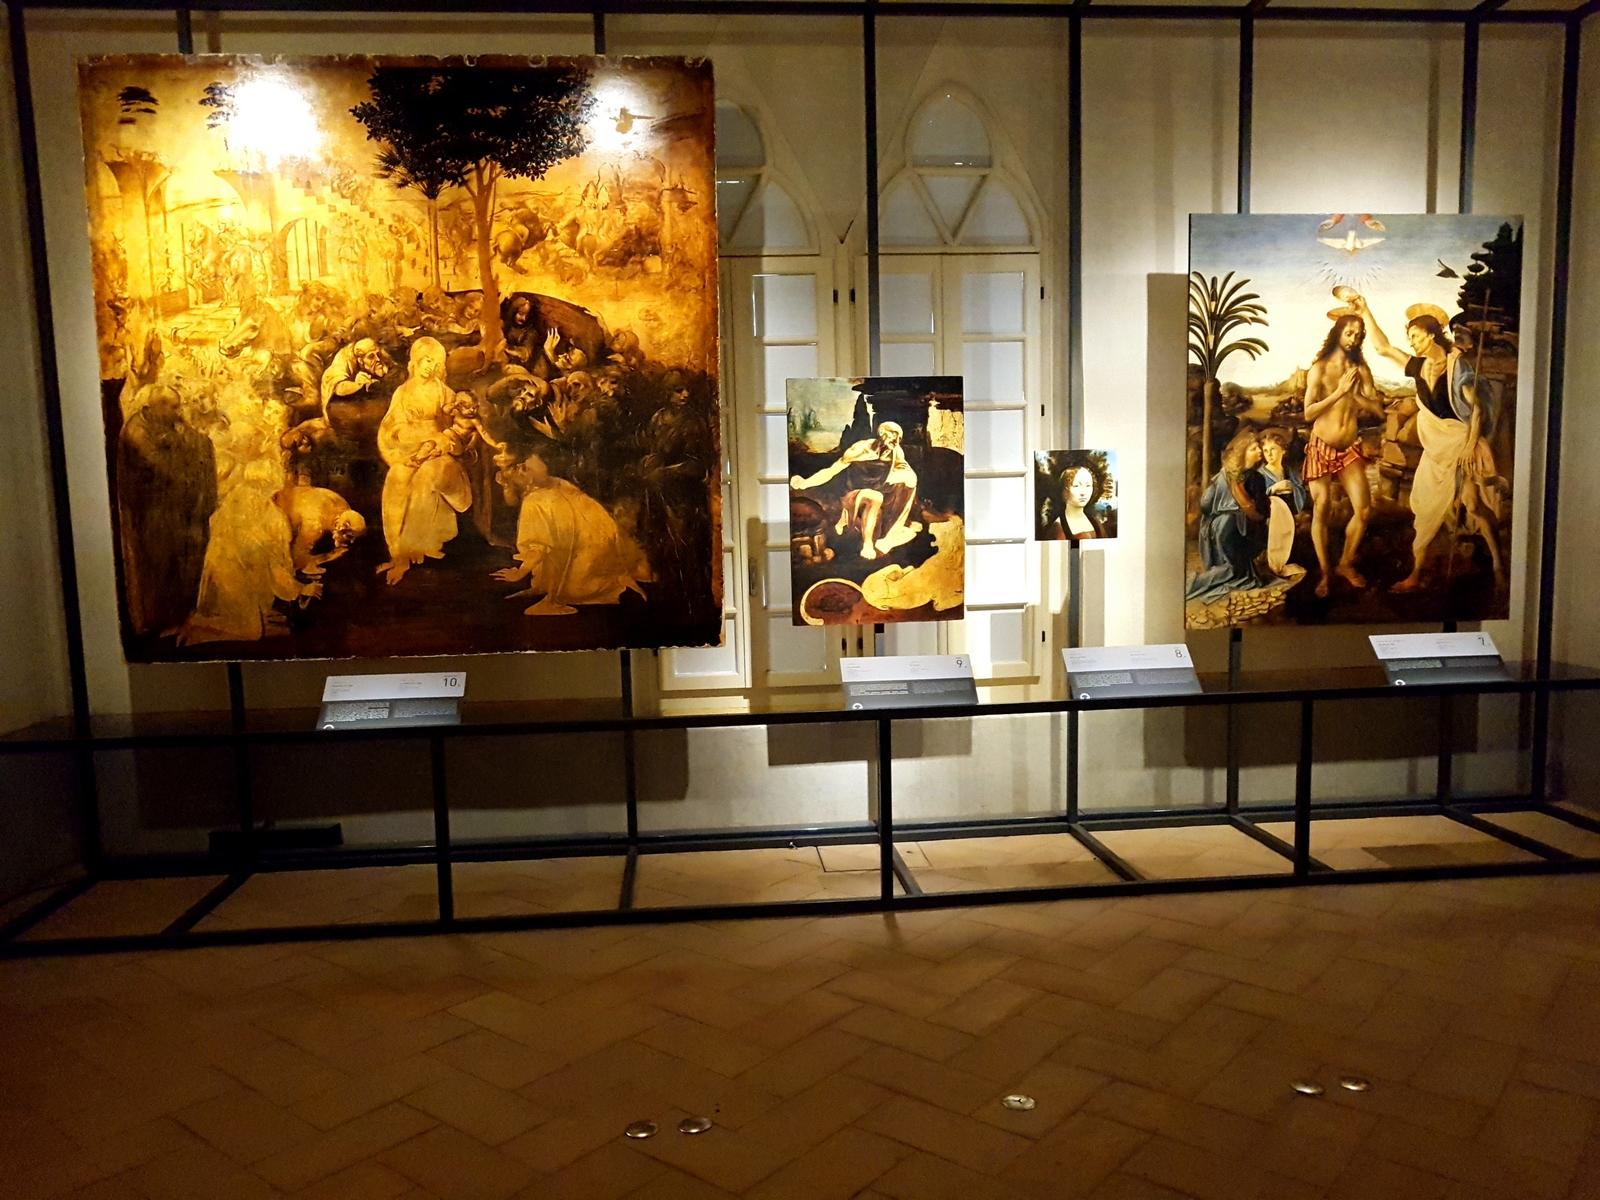 Riproduzioni di allta qualità e a scala reale delle opere di Leonardo